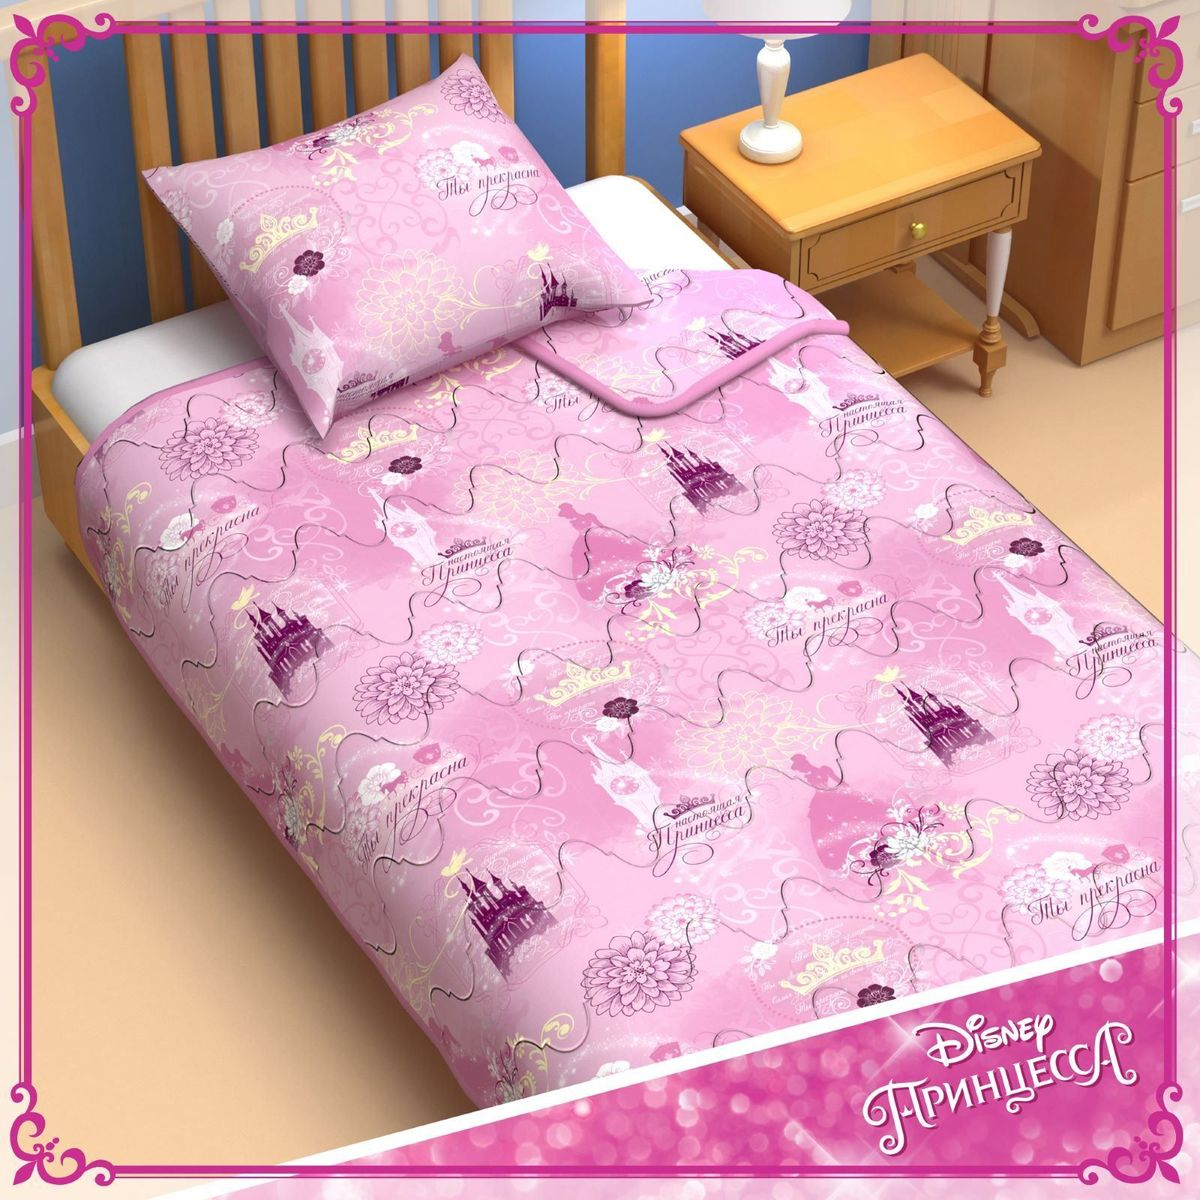 Disney Одеяло 1,5 спальное Принцессы 140 х 205 см 1153169 - Детский текстиль